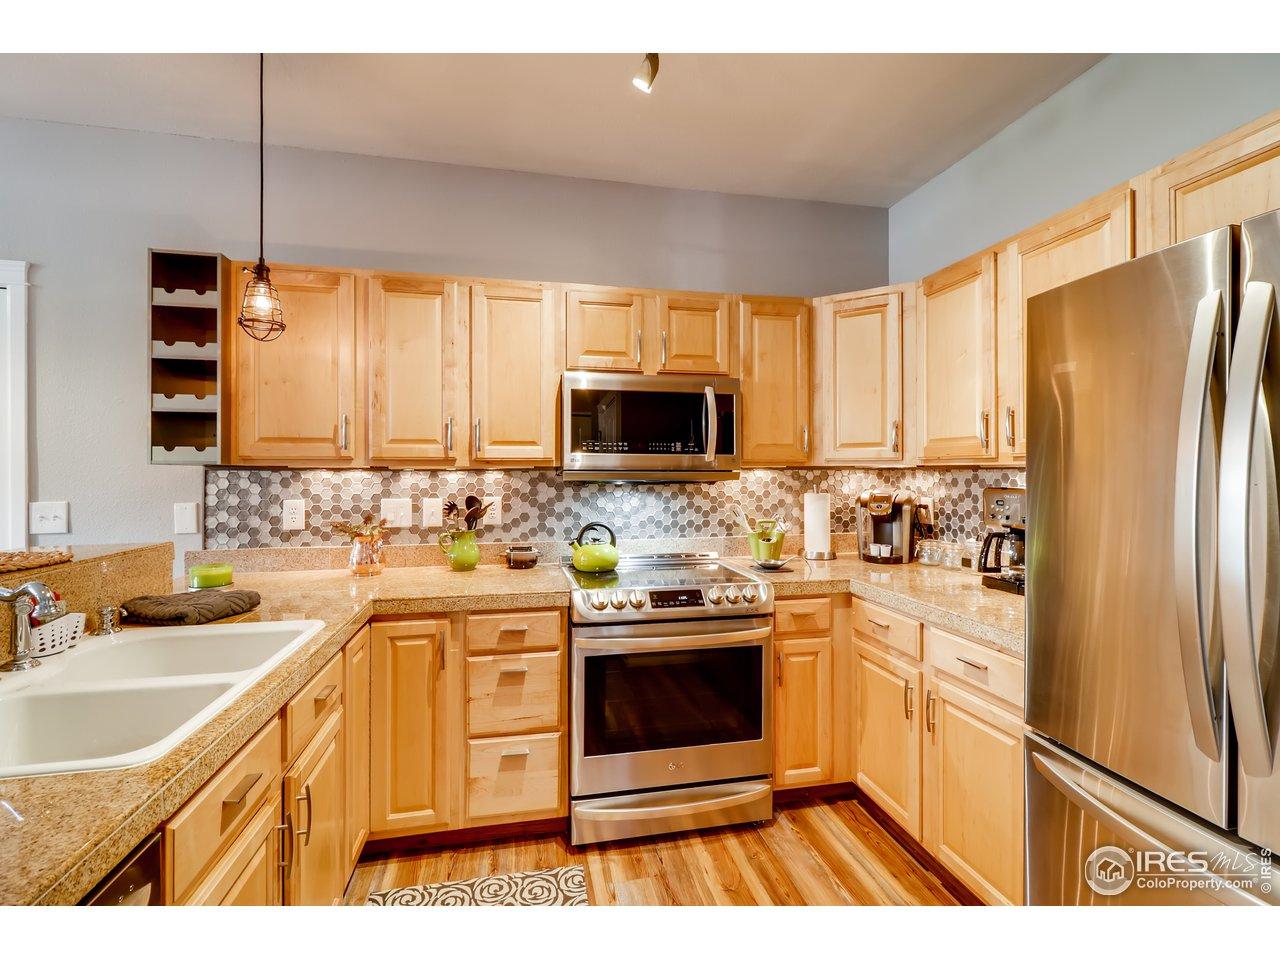 updated kitchen w new appliances